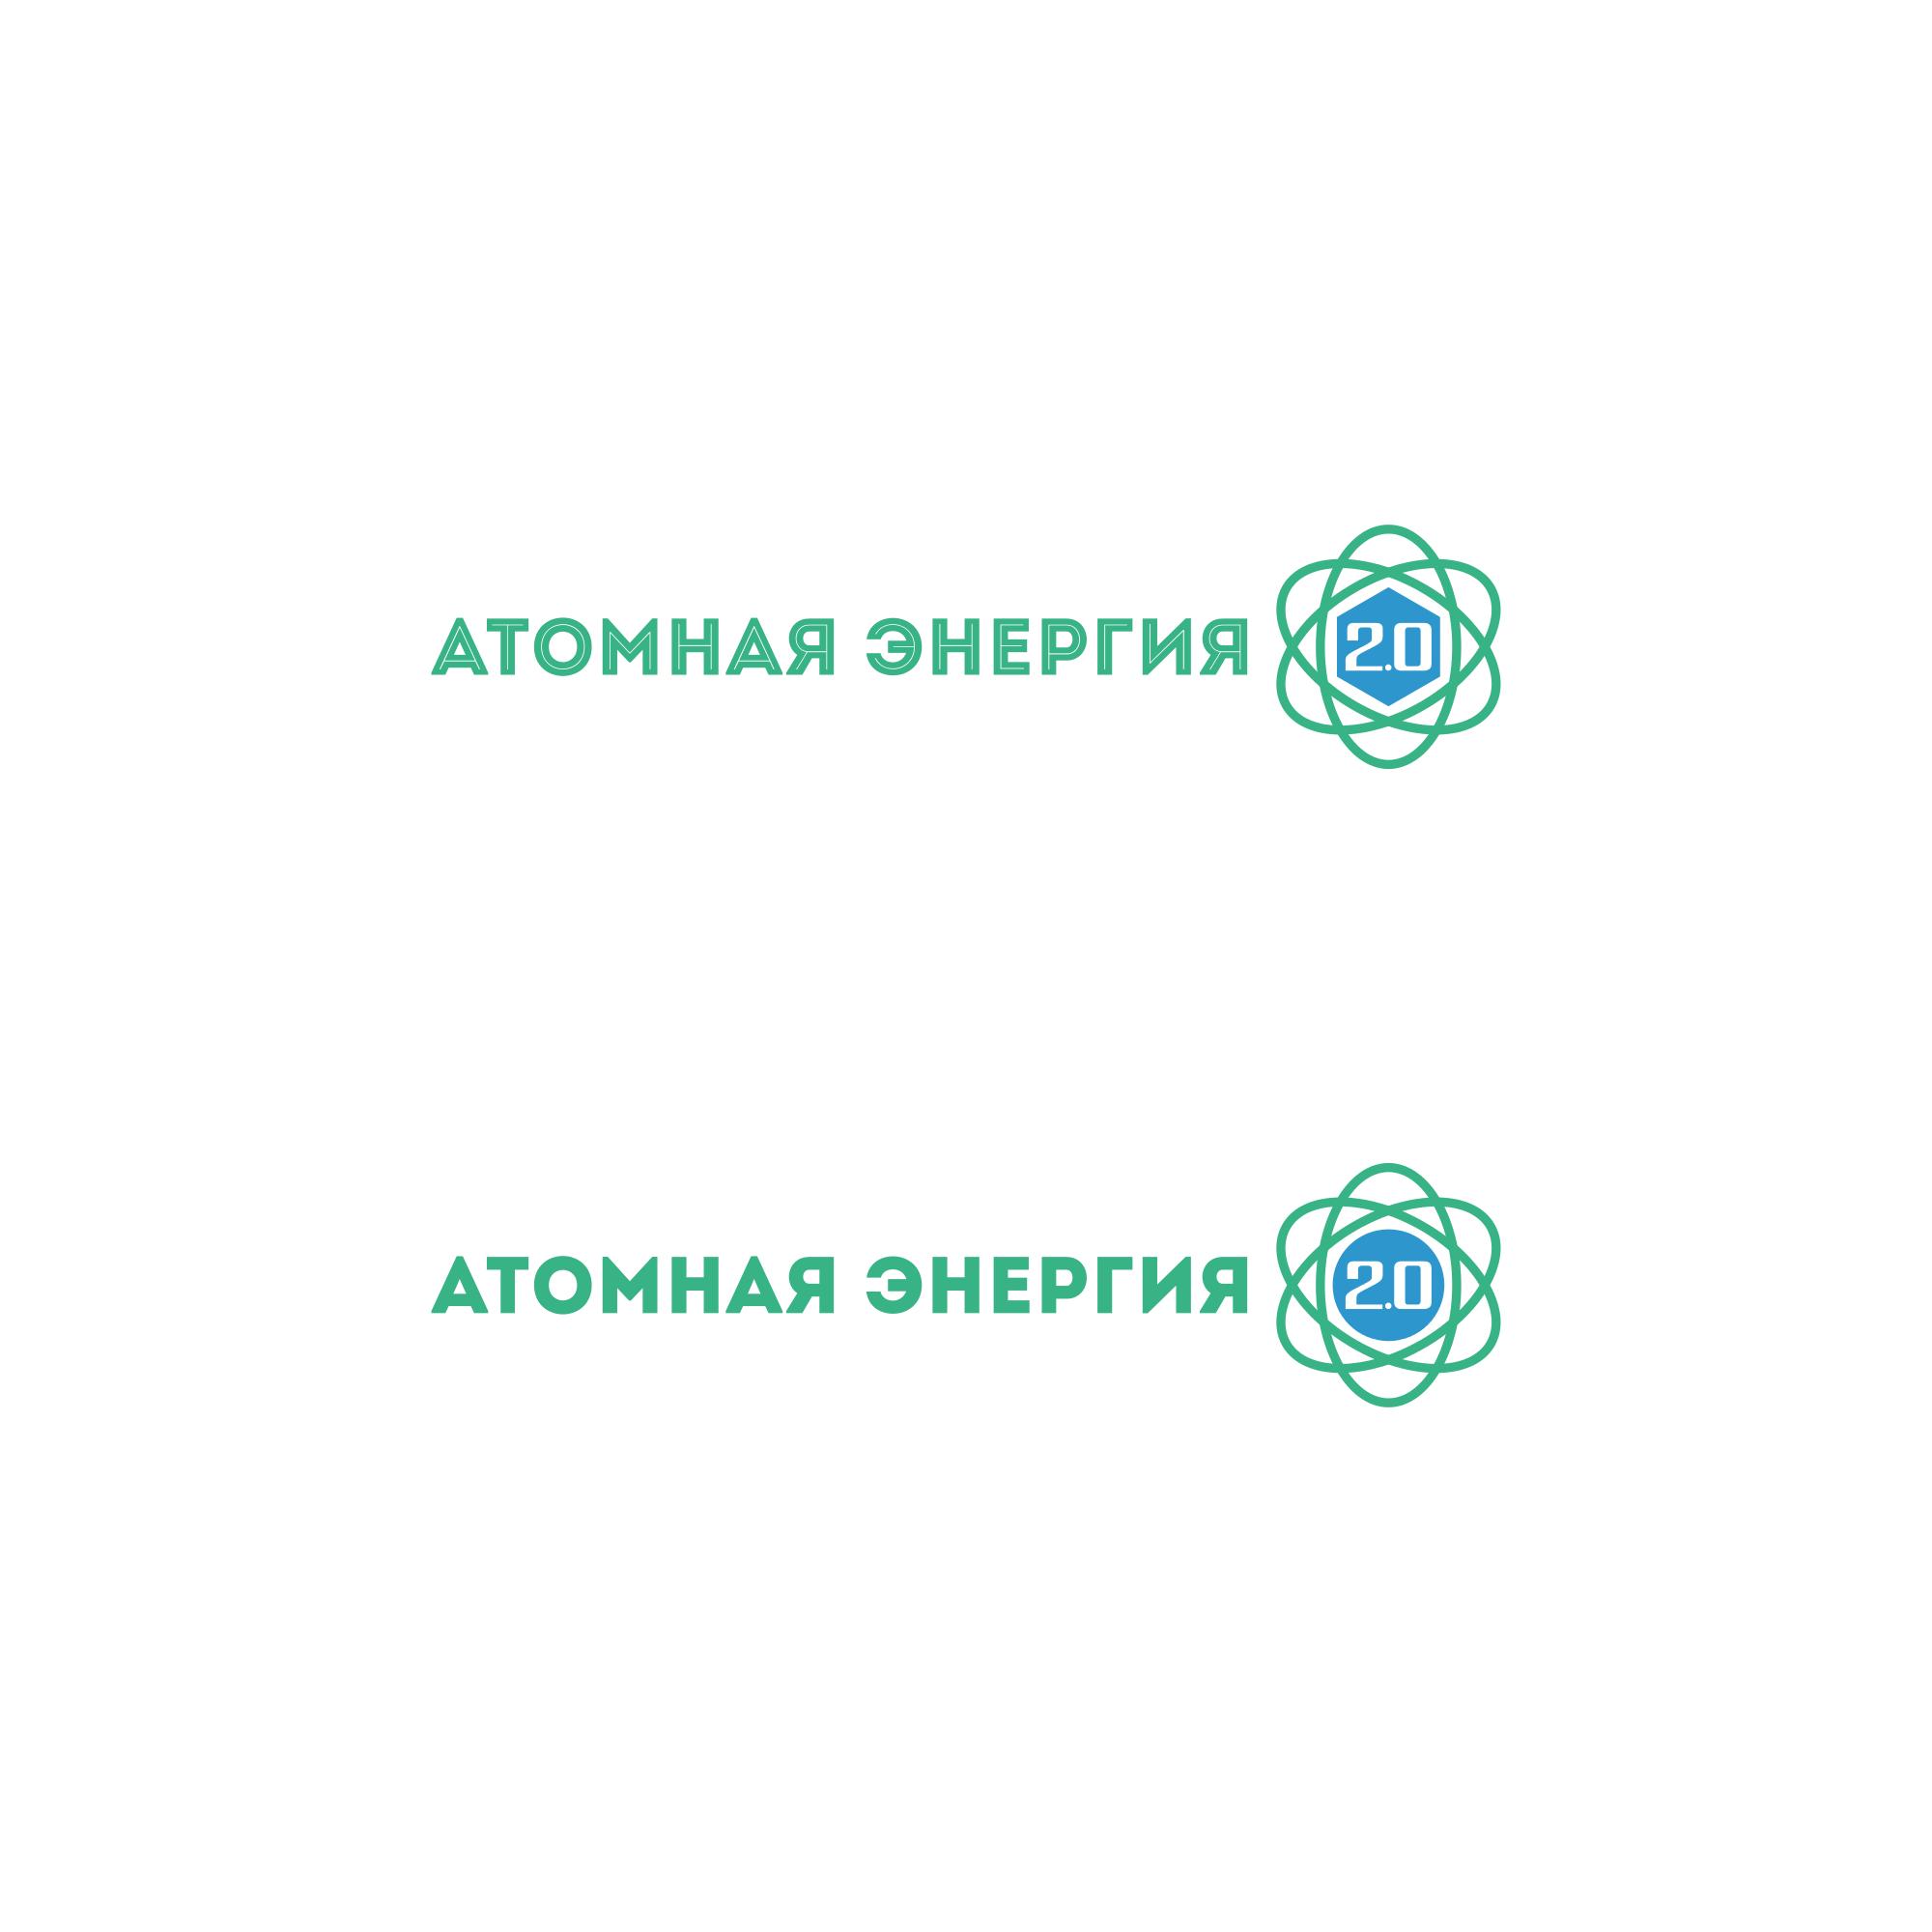 """Фирменный стиль для научного портала """"Атомная энергия 2.0"""" фото f_16759fd5afb4c7e6.png"""